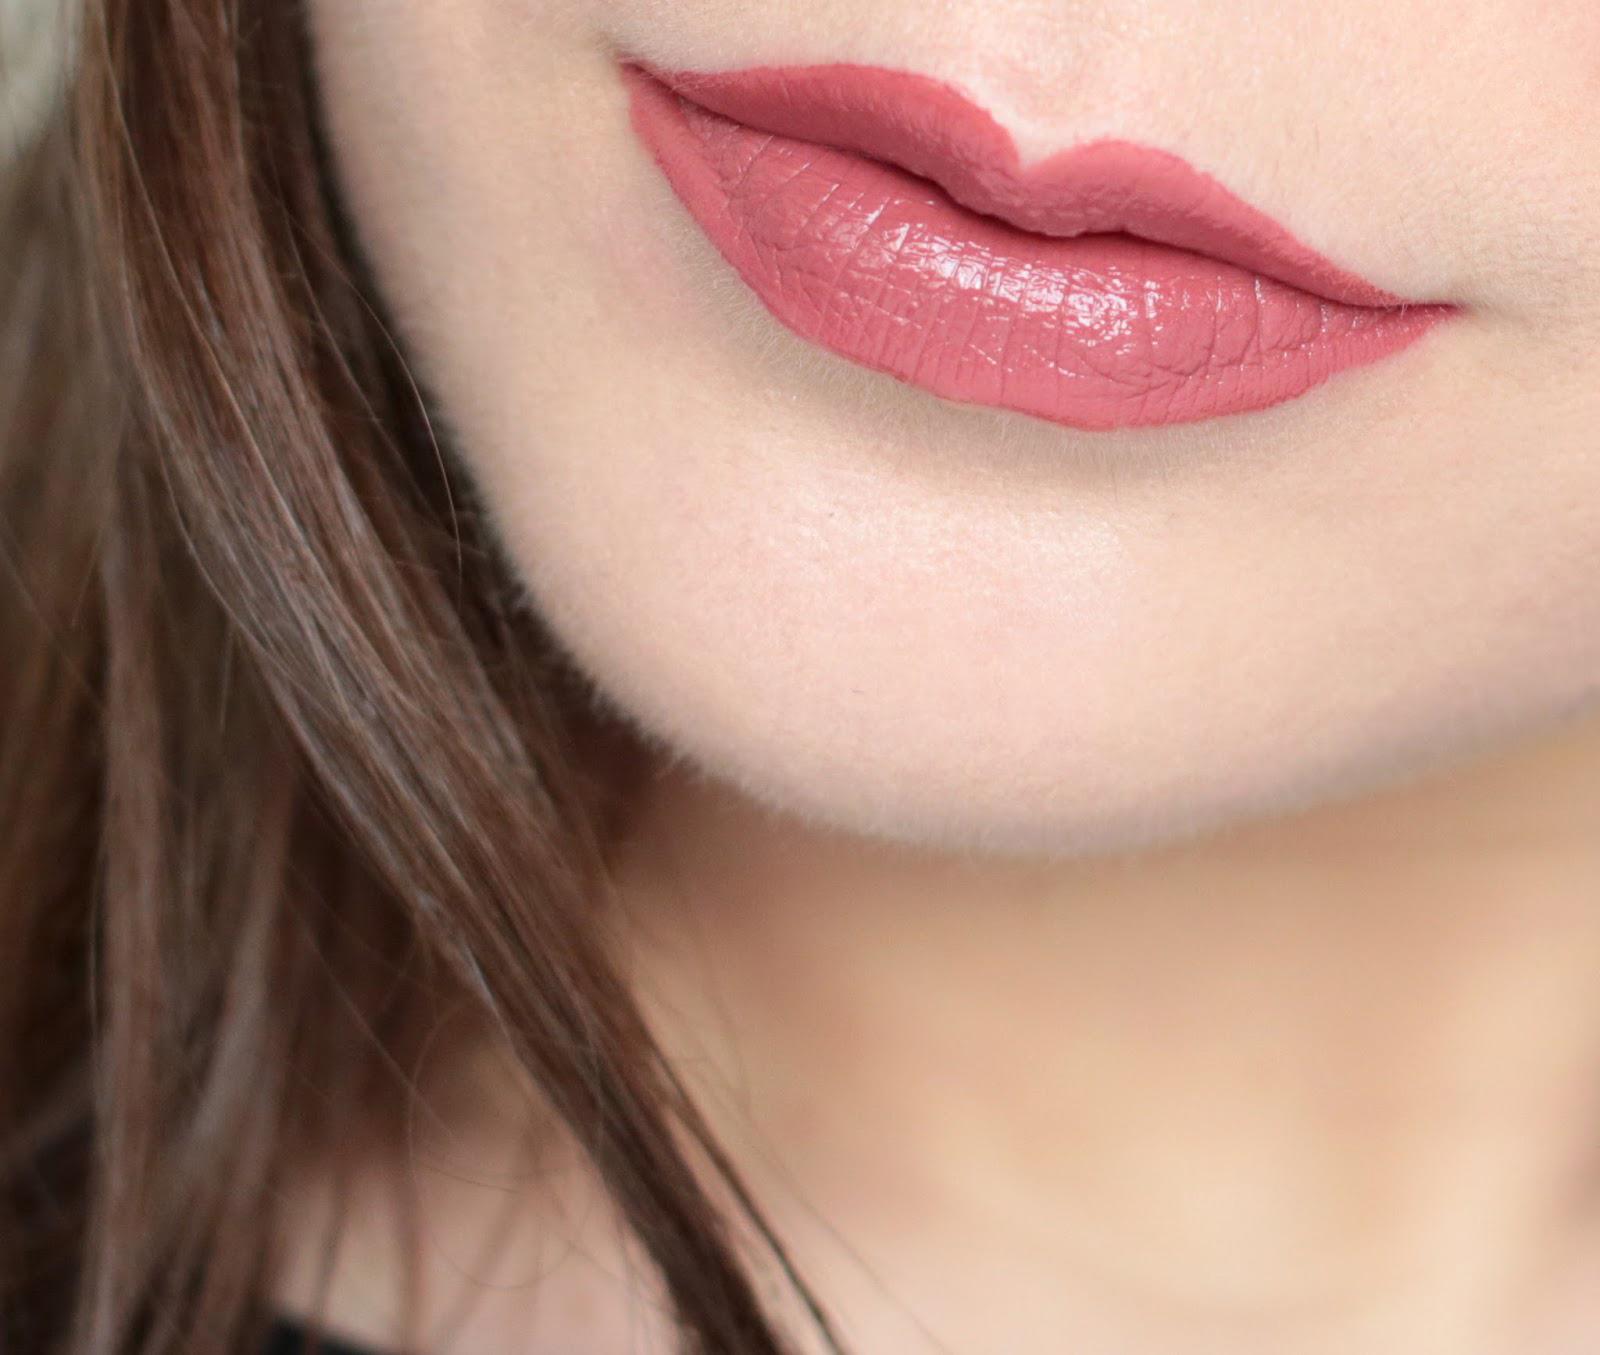 shiseido rouge rouge mention tr s bien kleo beaut. Black Bedroom Furniture Sets. Home Design Ideas